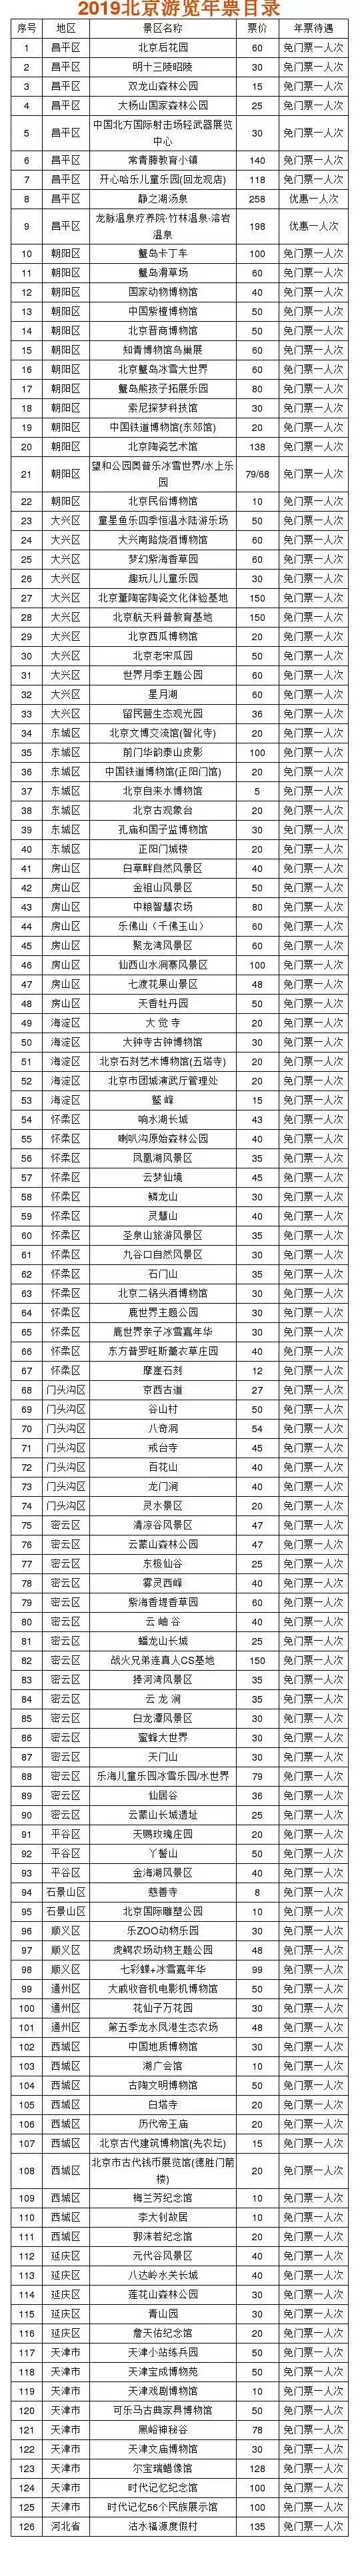 墙根暑期促销季 2019北京游览年票只需38元,近百景区免费畅玩[墙根网]